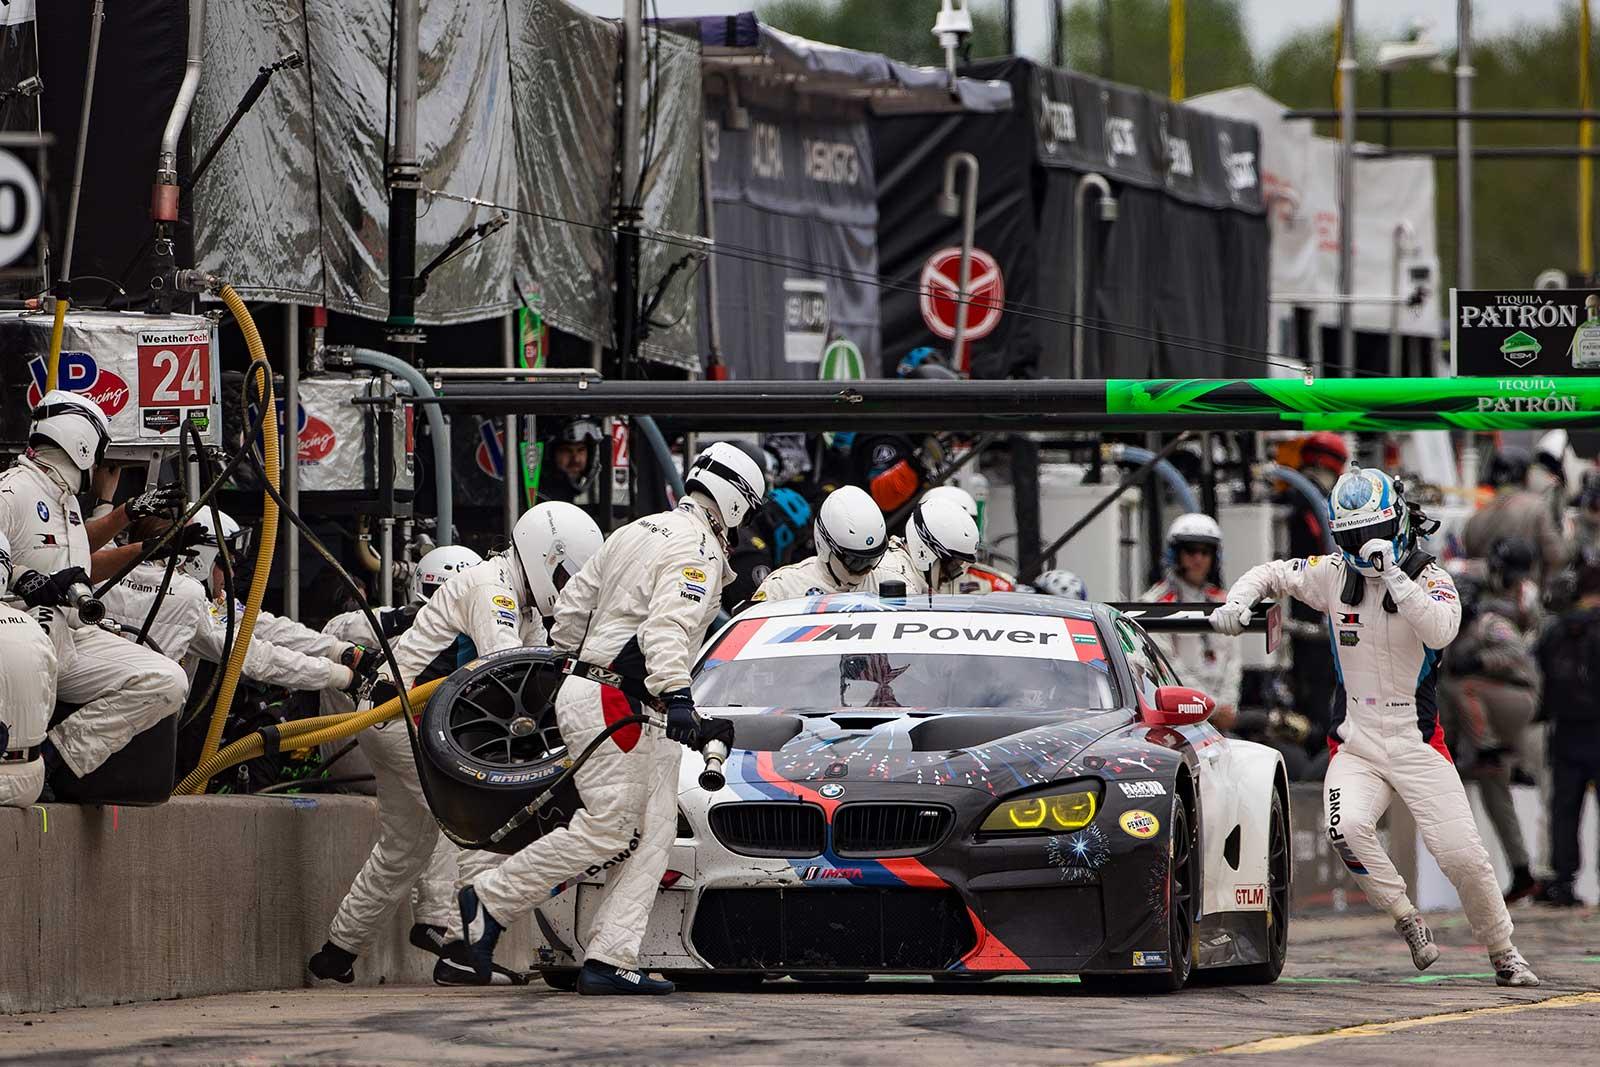 John Edwards - BMW Racing Driver